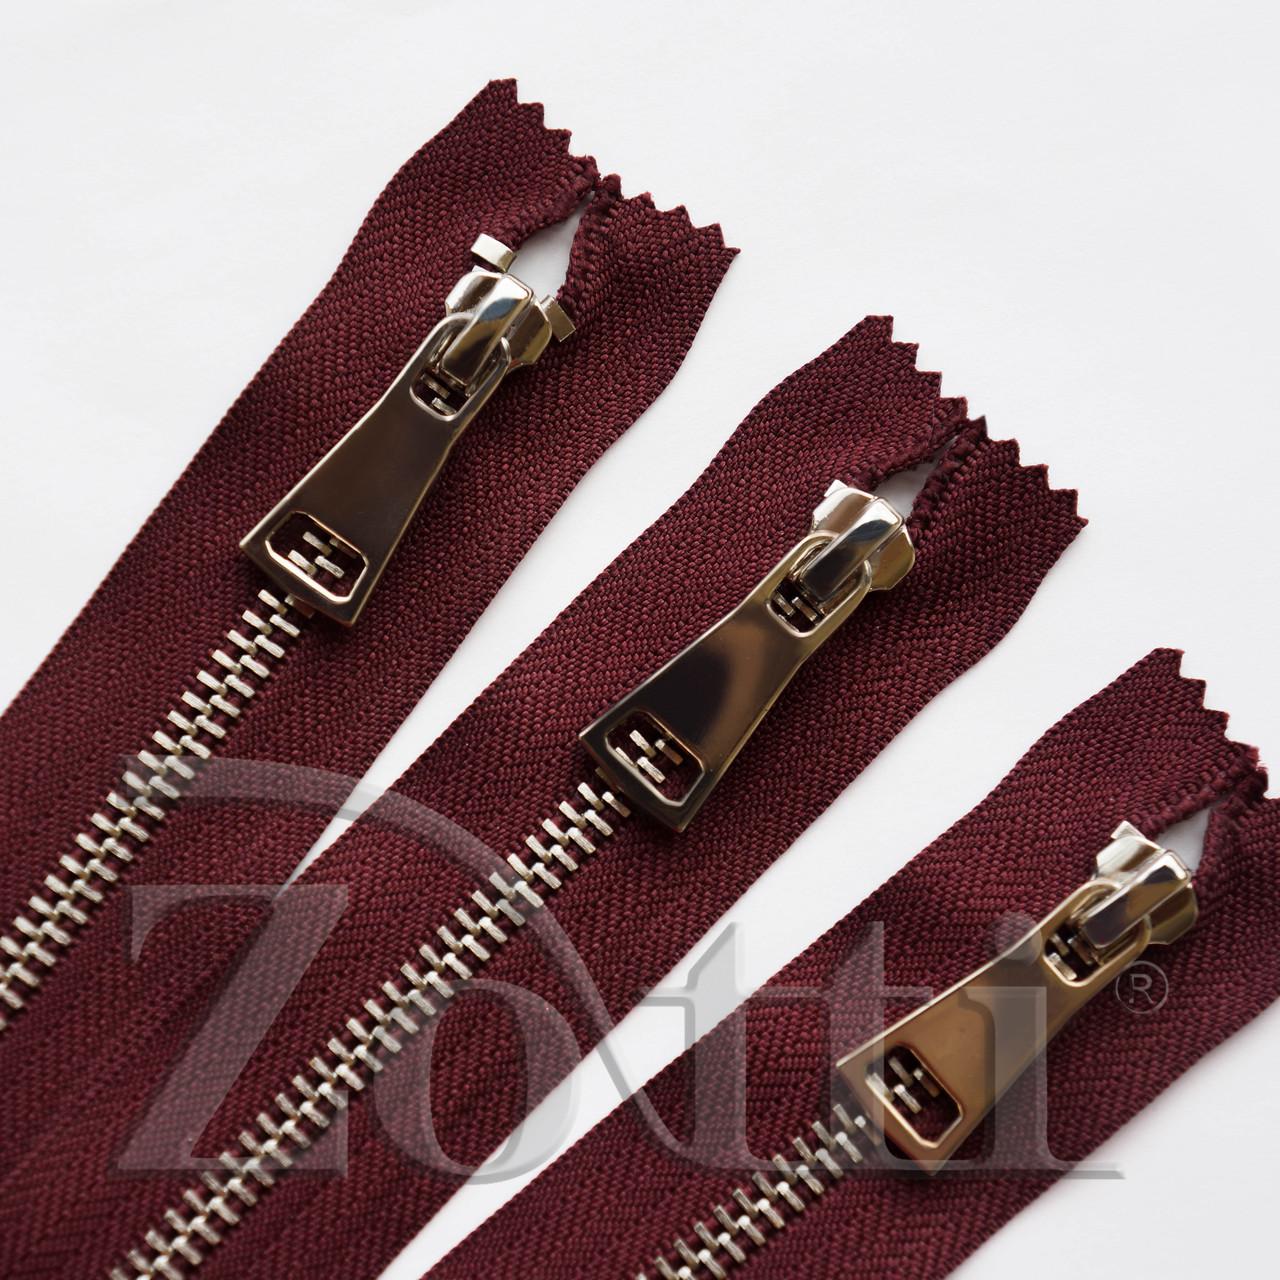 Молния (змейка,застежка) металлическая №5, размерная, обувная, бордовая, с серебряным бегунком № 115 - 40 см